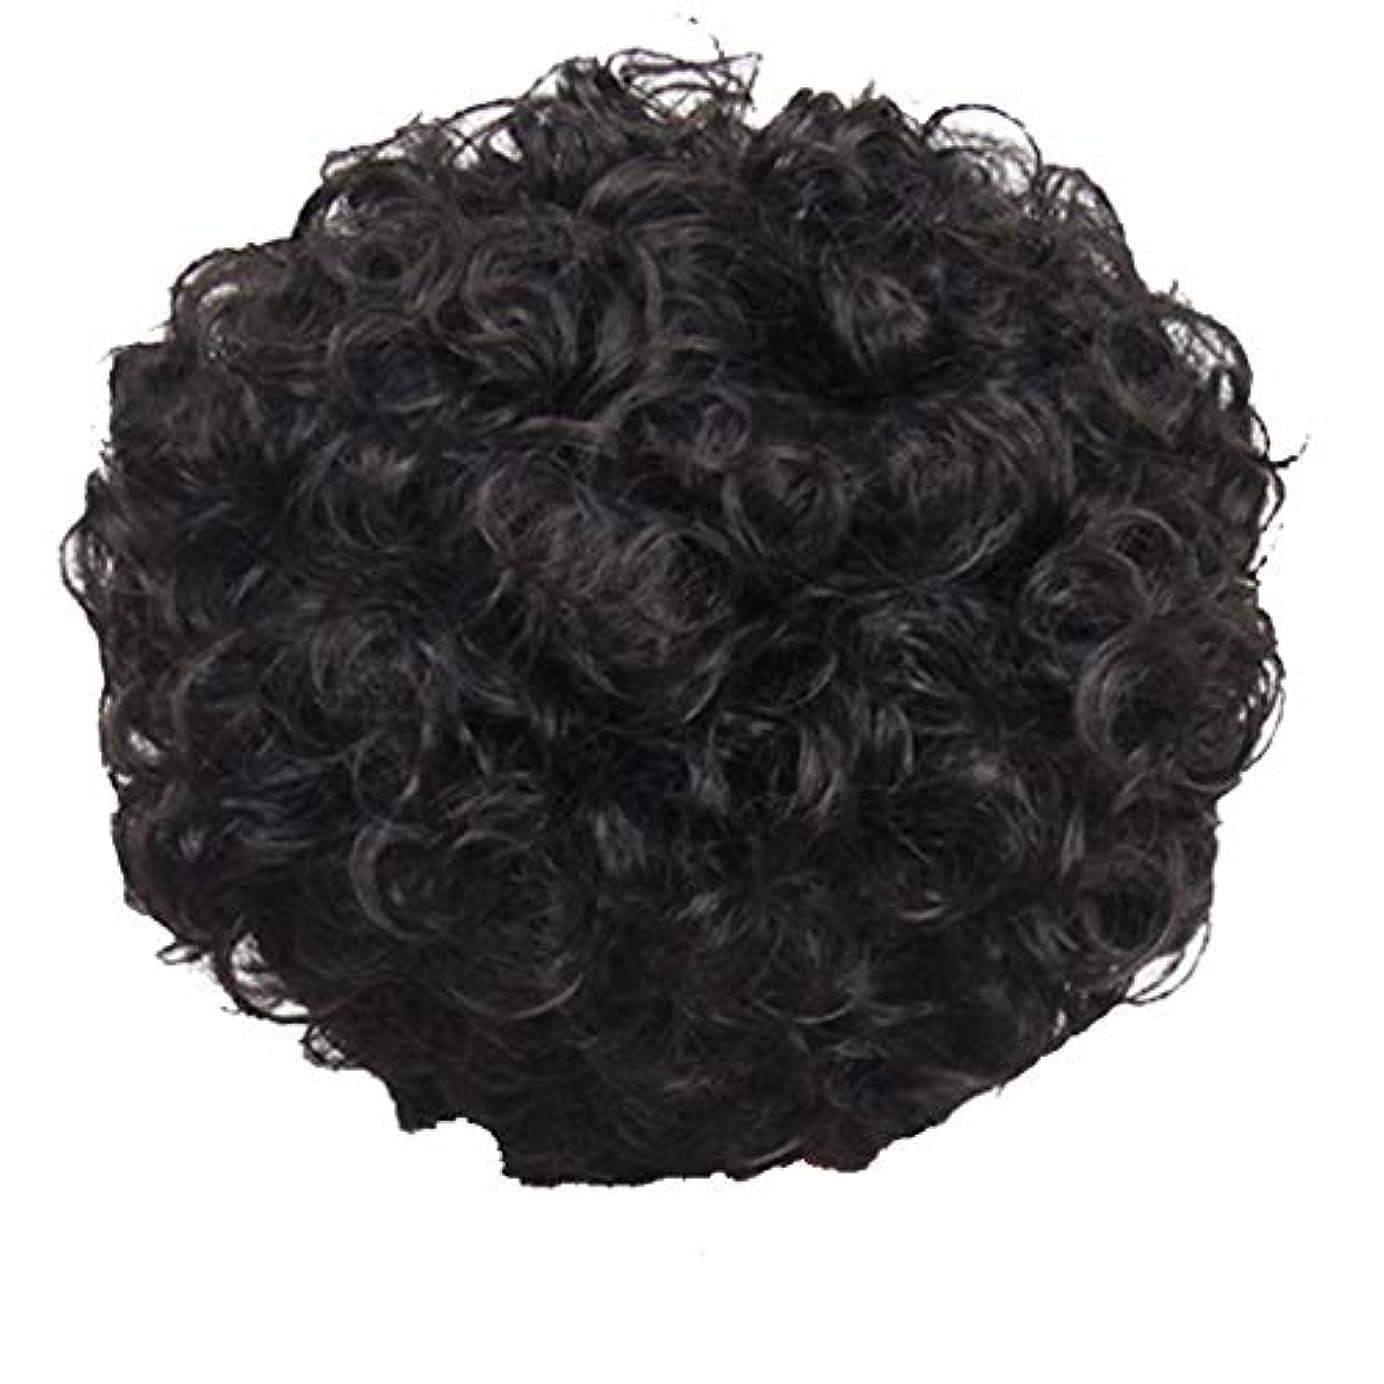 物理傘残忍なかつら、女性、短い髪、巻き毛、かつら、エルフカット、かつらキャップ、27cm